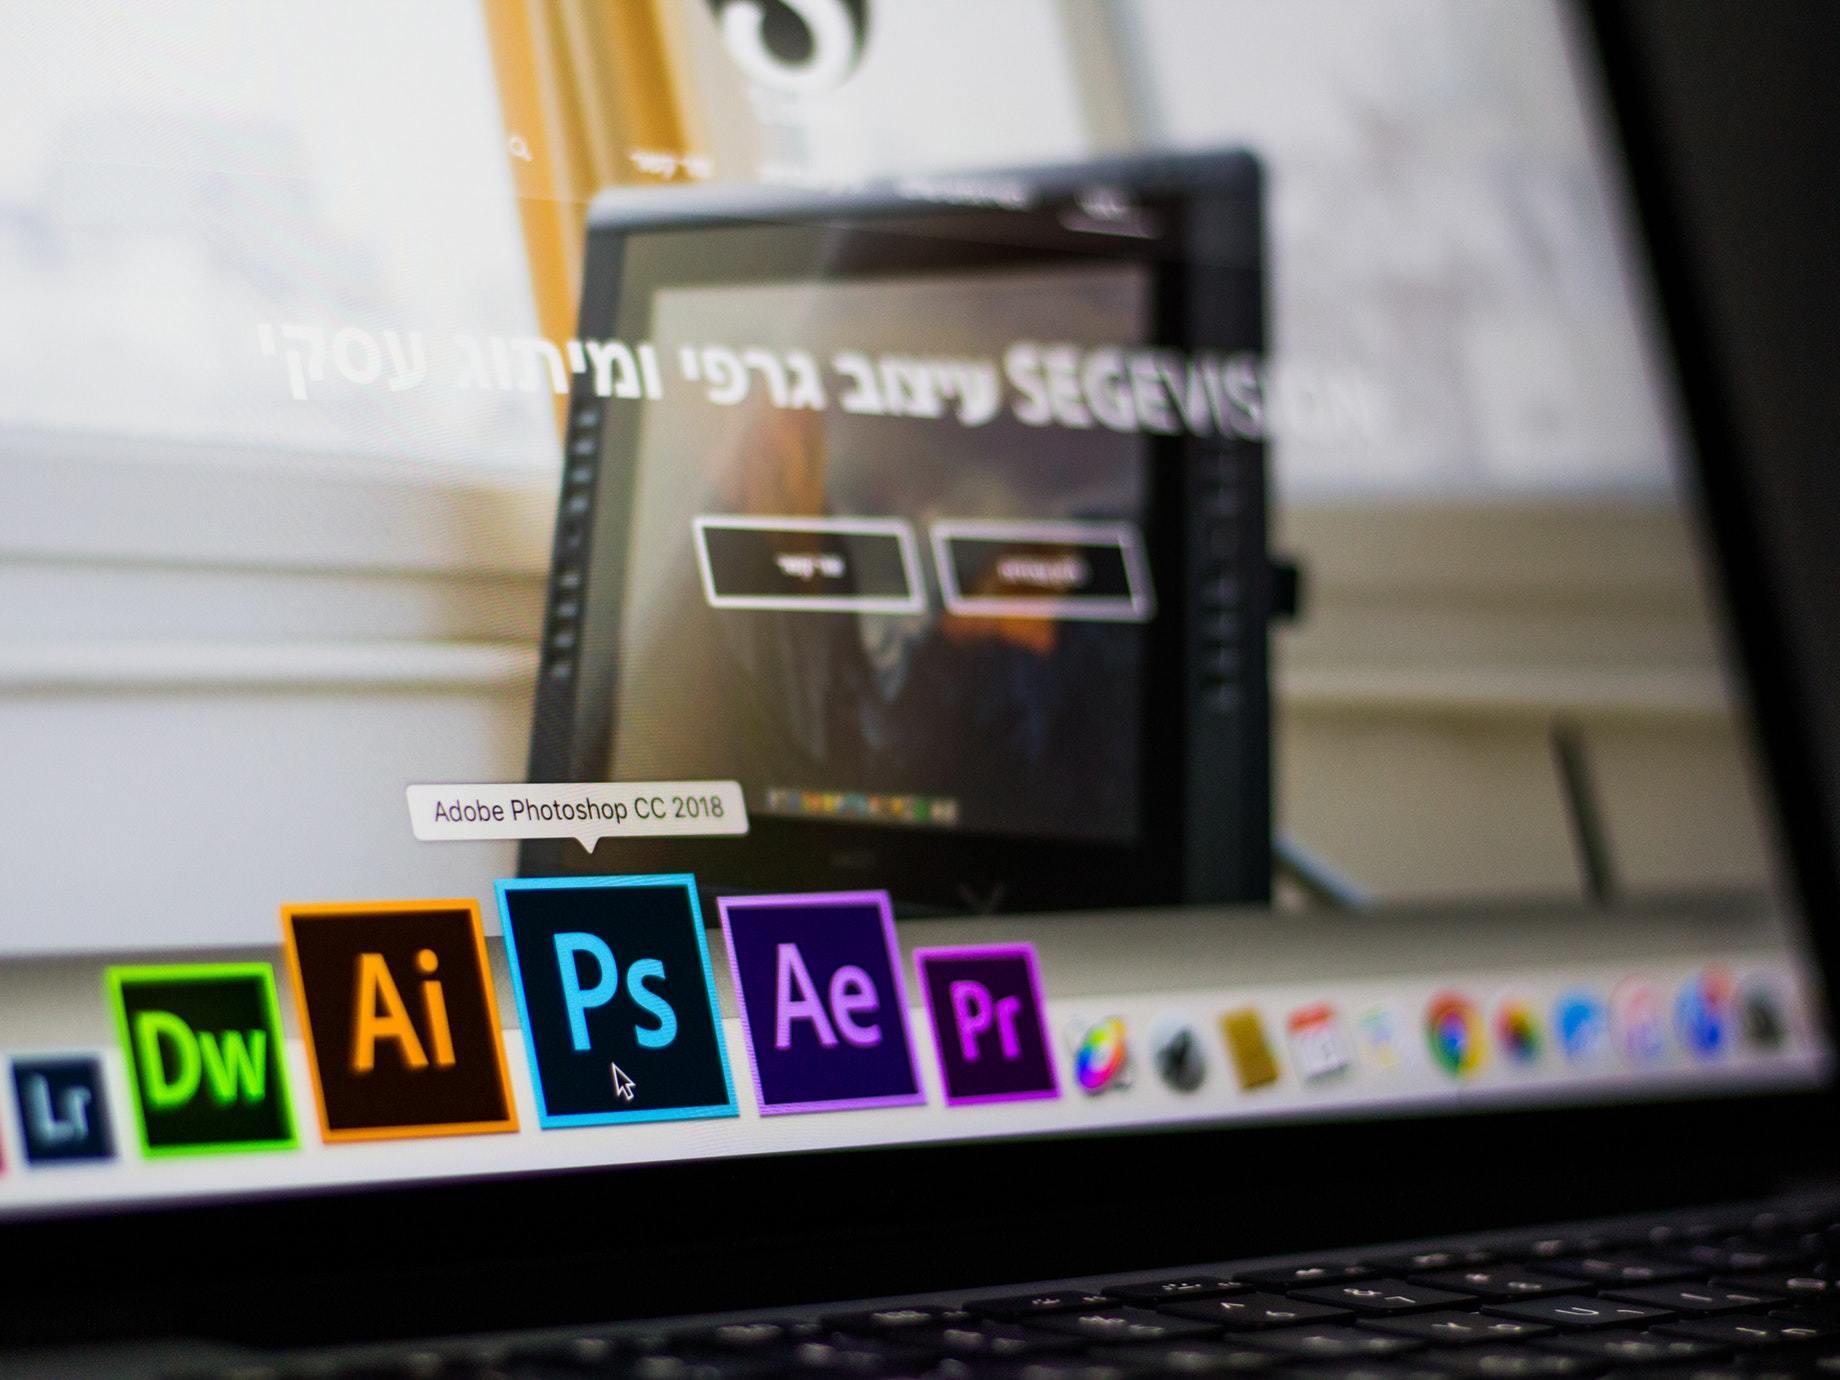 使用權時代來臨,讓Adobe放棄97%毛利!訂閱經濟如何創造另一種獲利模式?